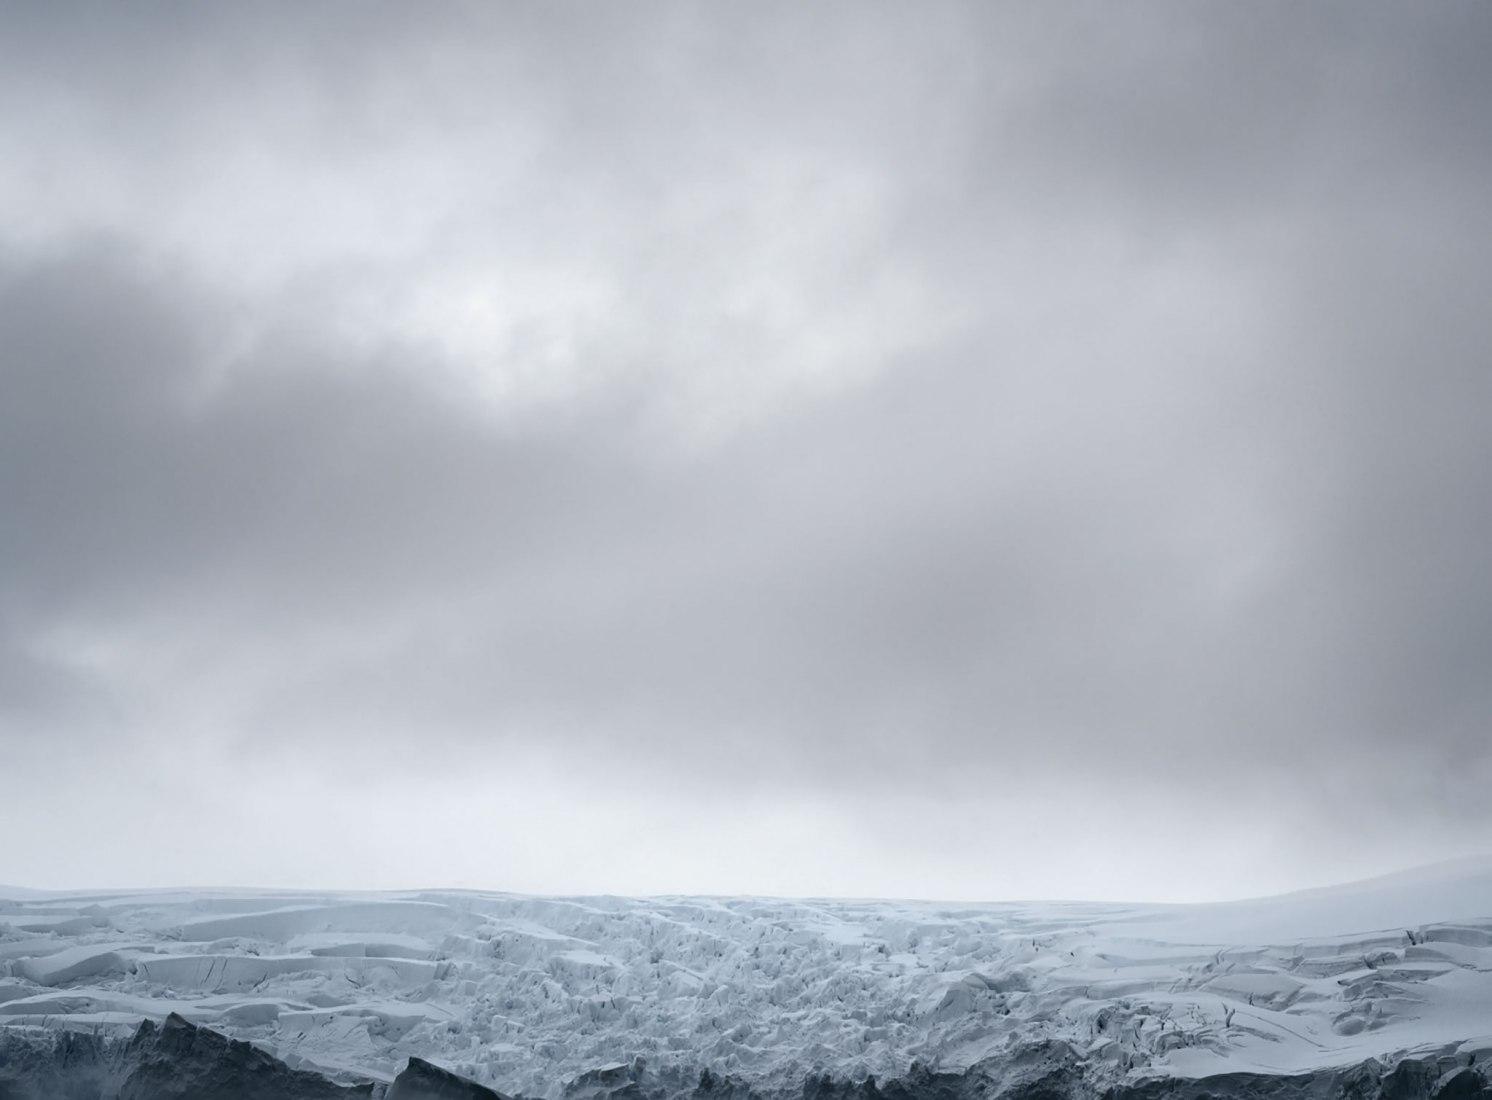 Lemaire Channel - 2, Axel Hütte, 2017. Técnica.- Imprensión en Color. Tamaño.- 115 x 145 cm. Edición.- 4. Imagen cortesía de Galería Helga de Alvear